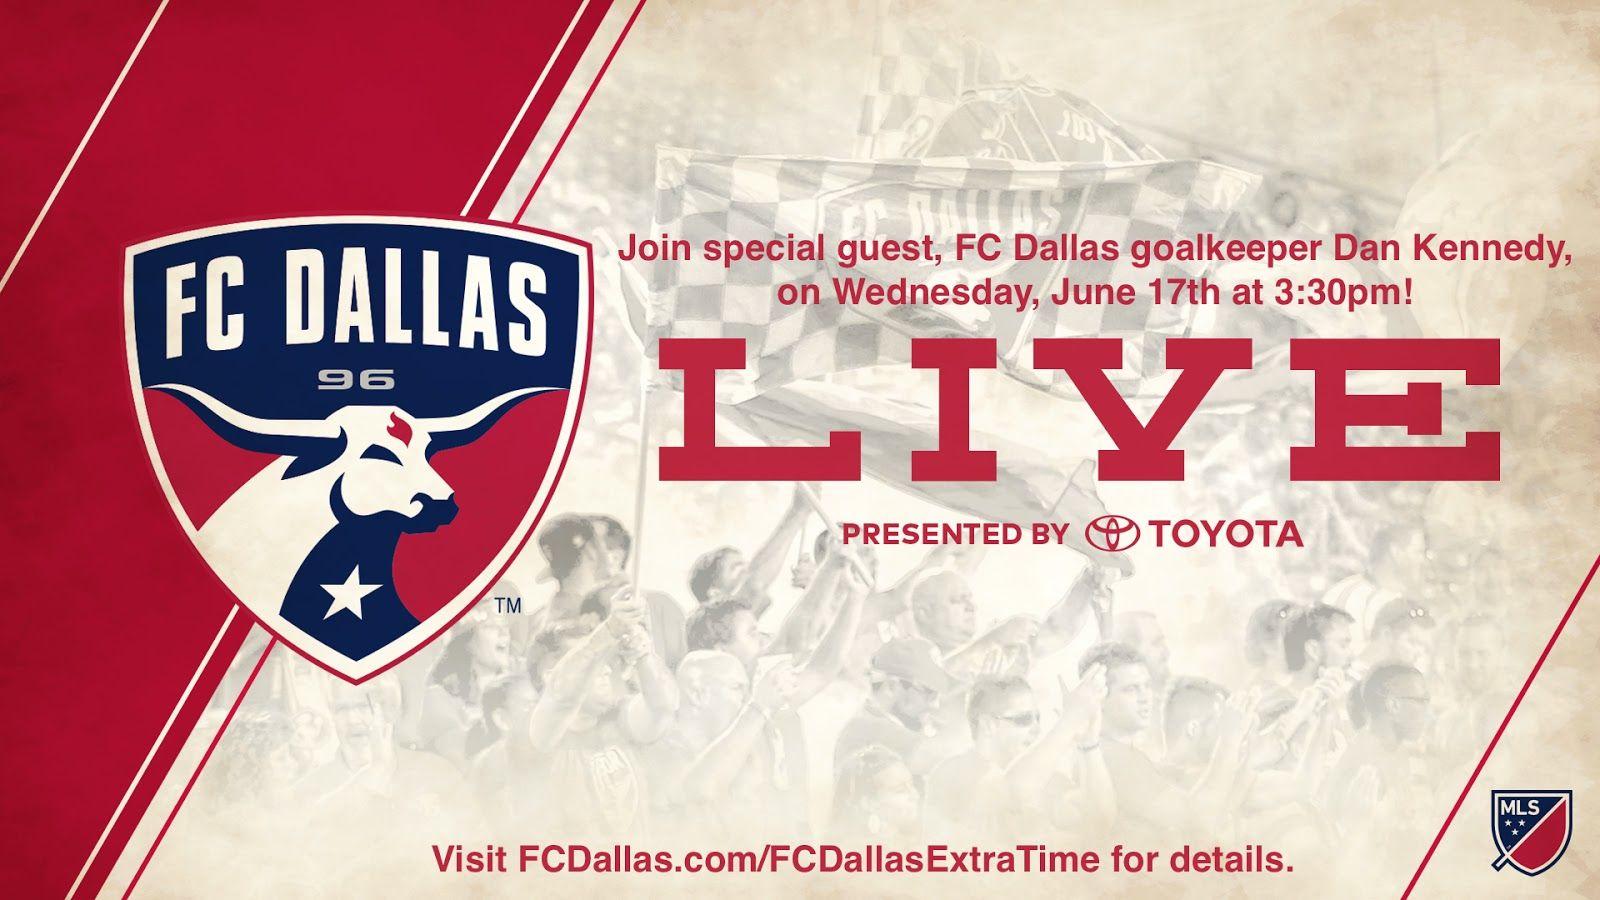 FC Dallas Live with Dan Kennedy | TheGinaMiller.com